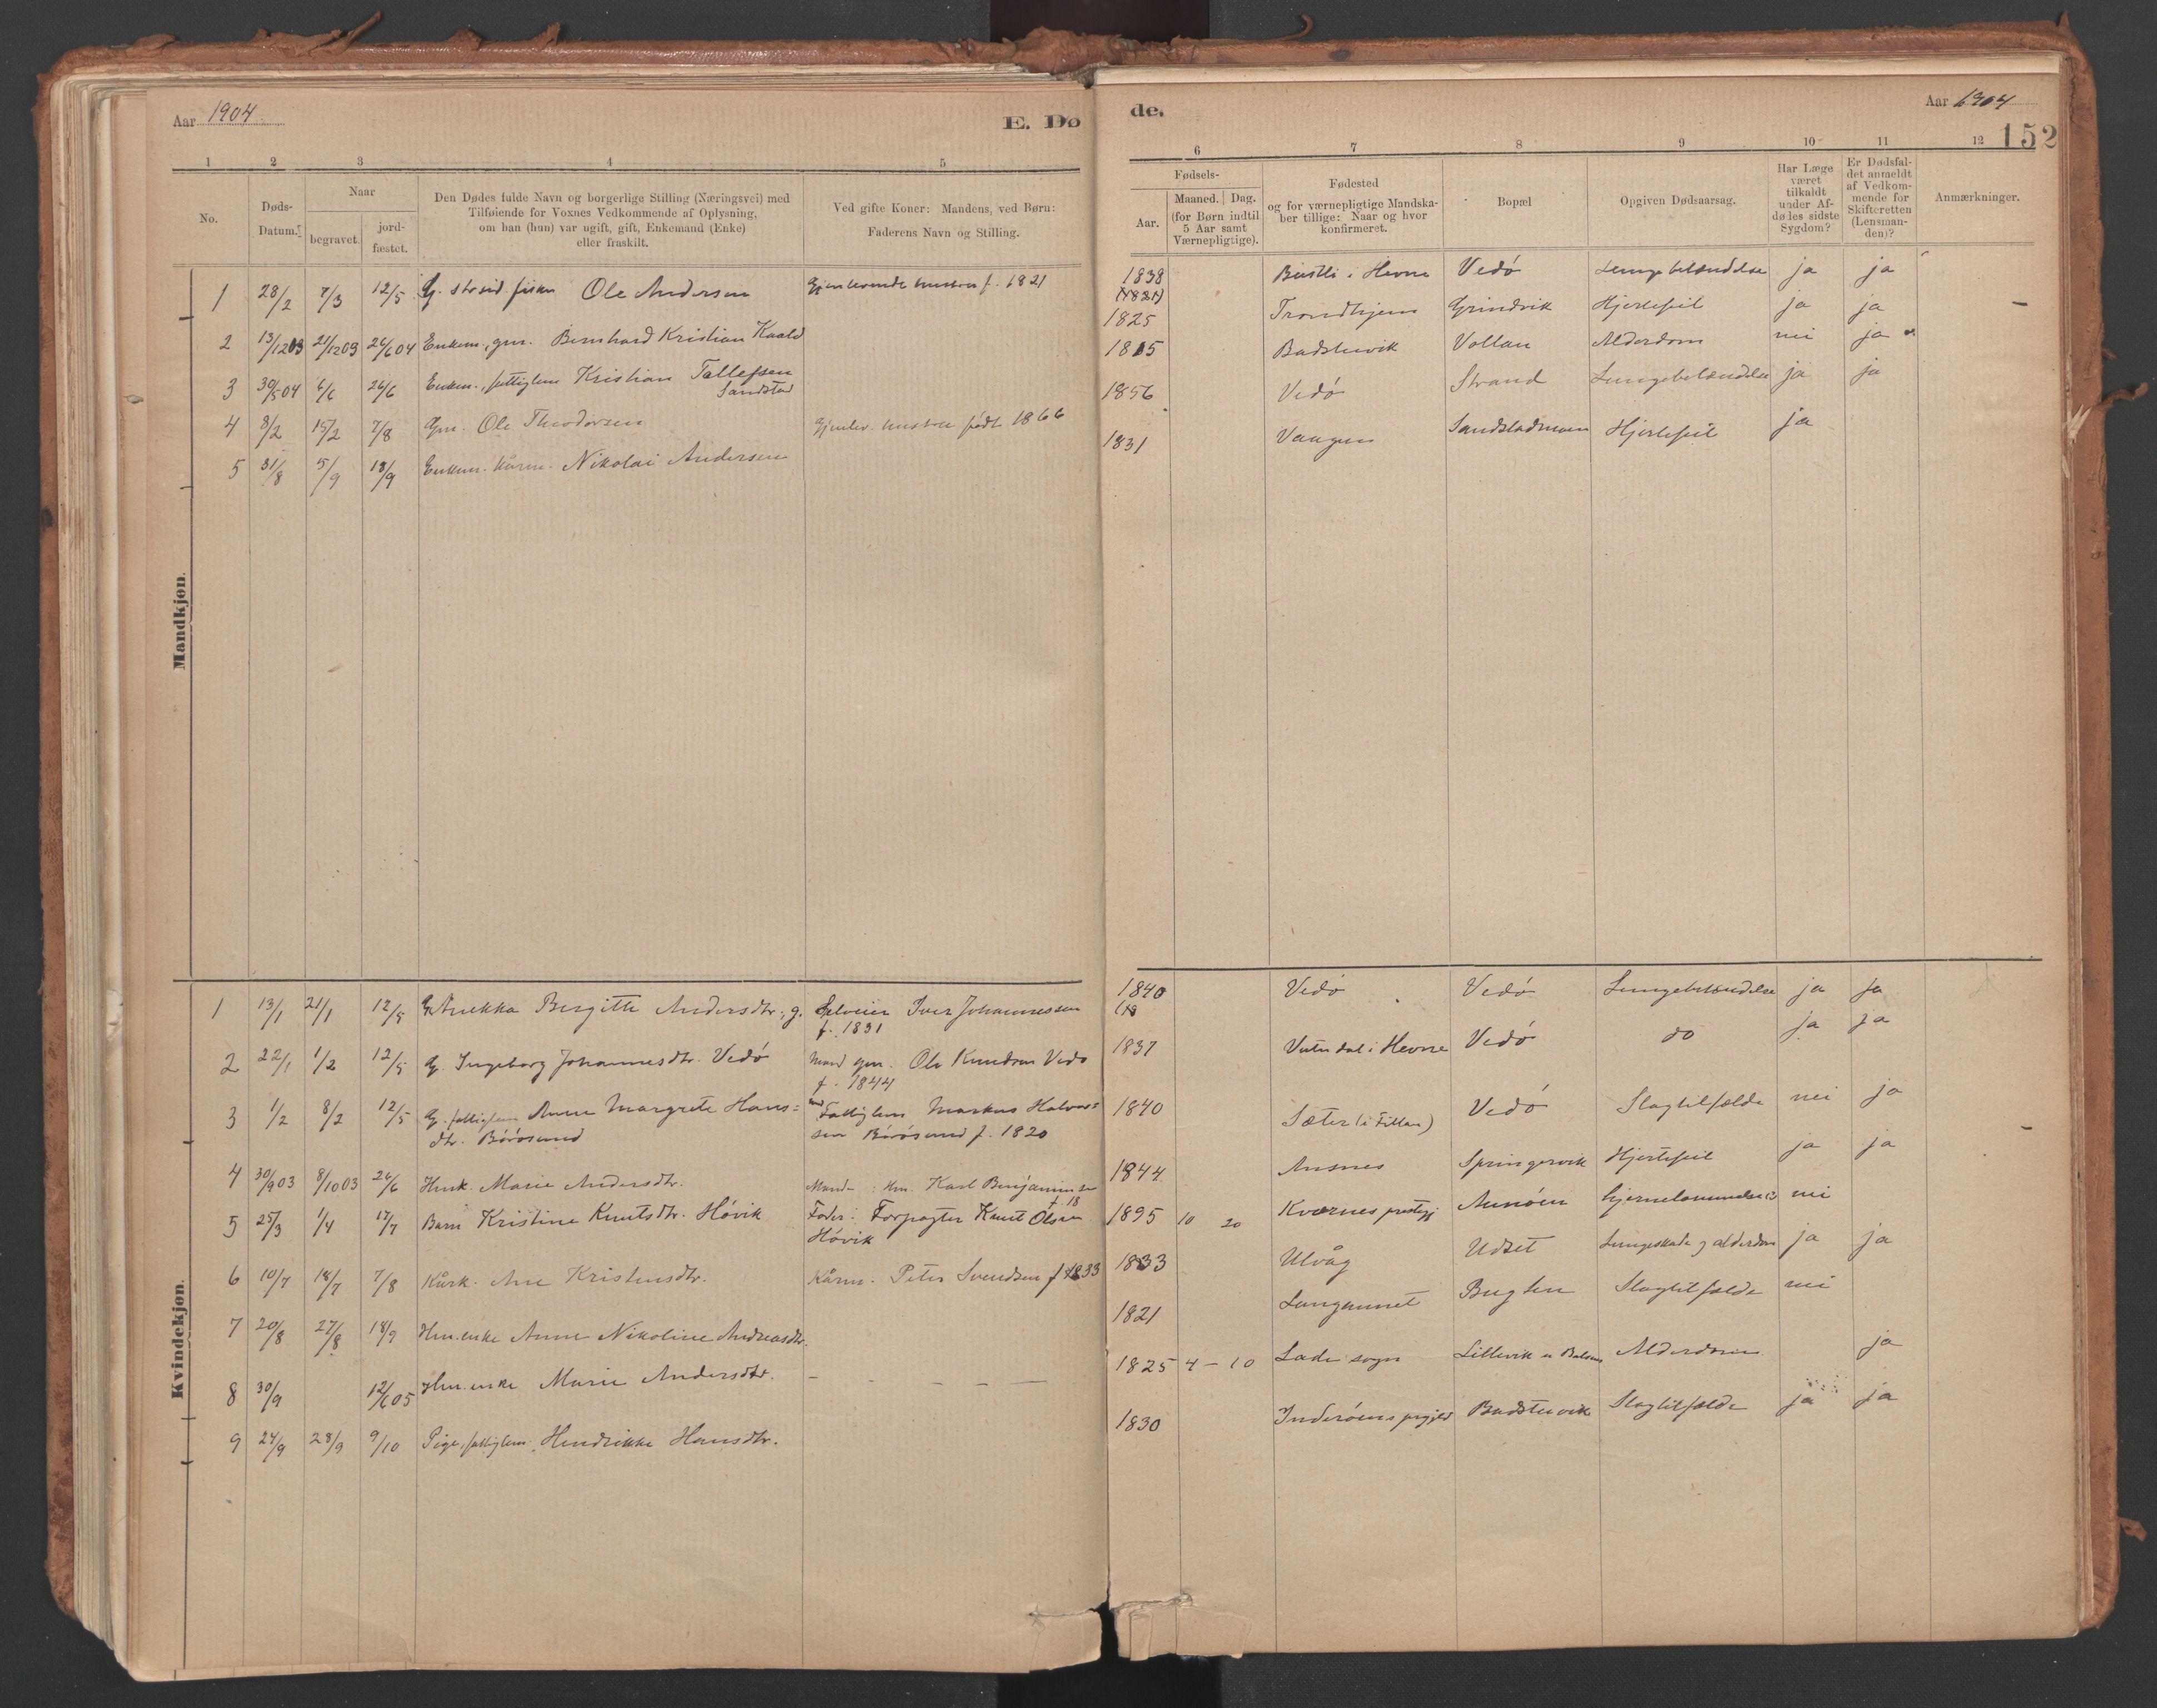 SAT, Ministerialprotokoller, klokkerbøker og fødselsregistre - Sør-Trøndelag, 639/L0572: Ministerialbok nr. 639A01, 1890-1920, s. 152